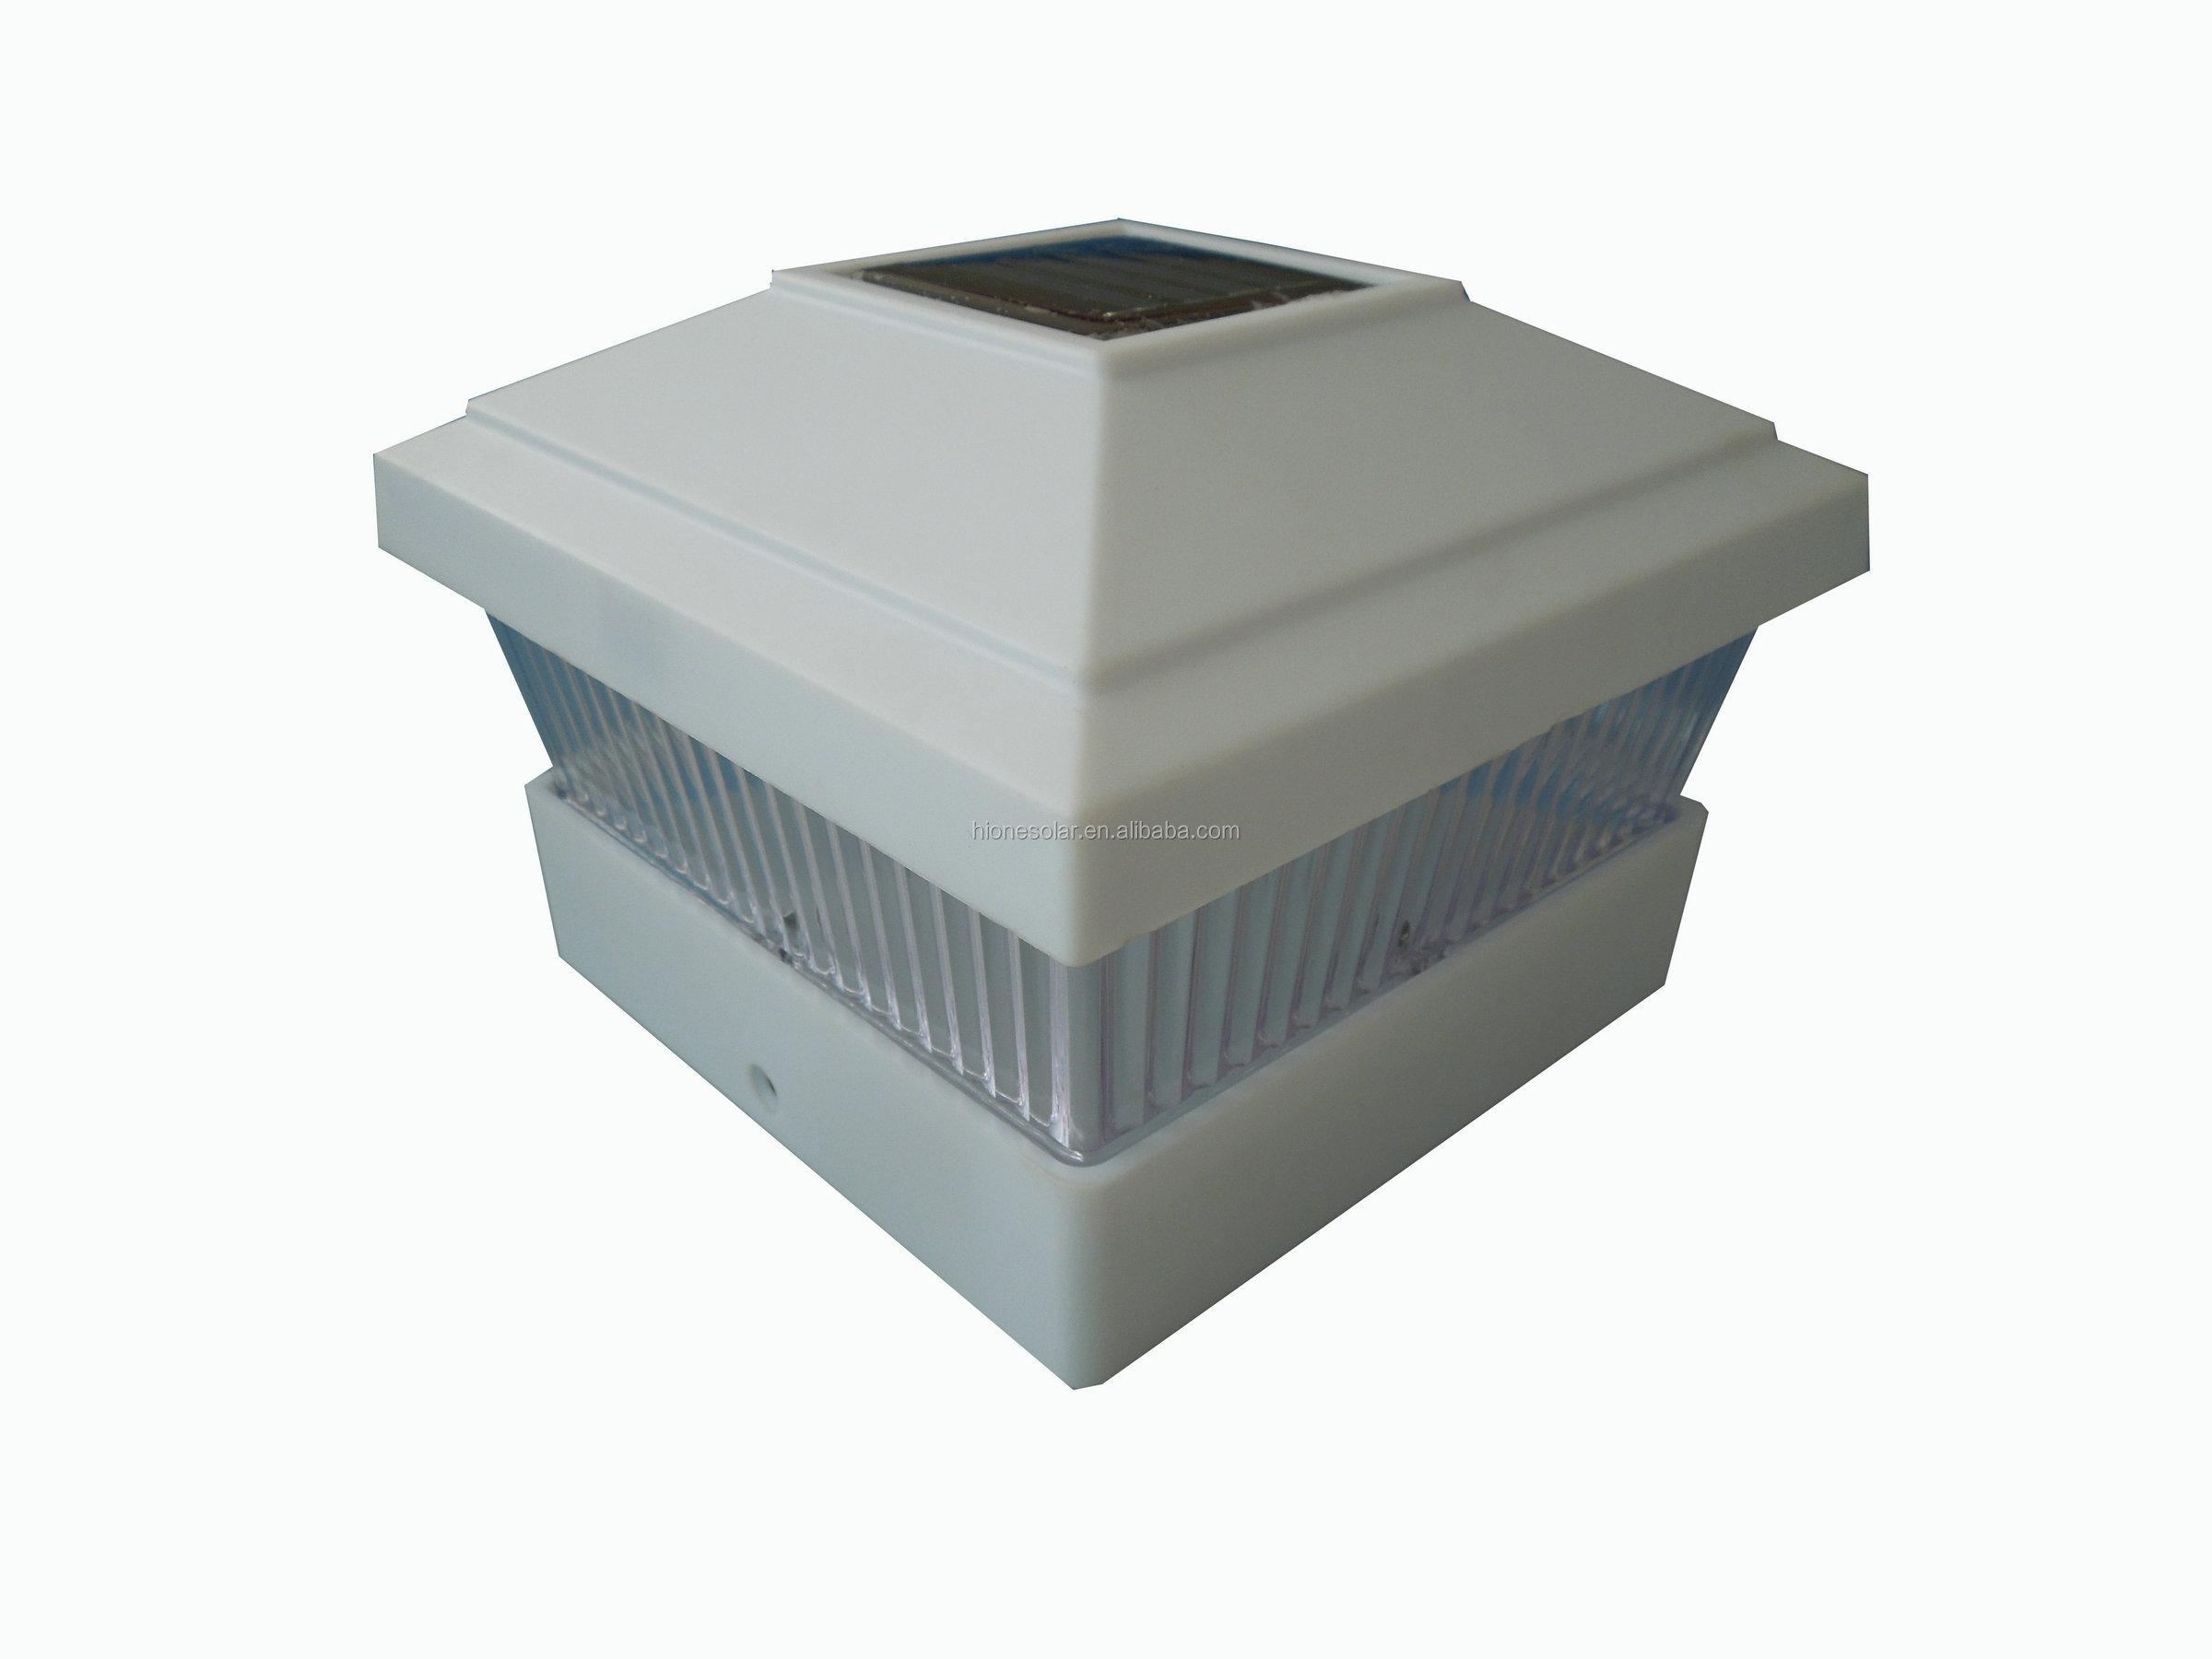 HTB1_gfFFFXXXXbbaFXXq6xXFXXXI Verwunderlich Akku Batterien Für solarleuchten Dekorationen